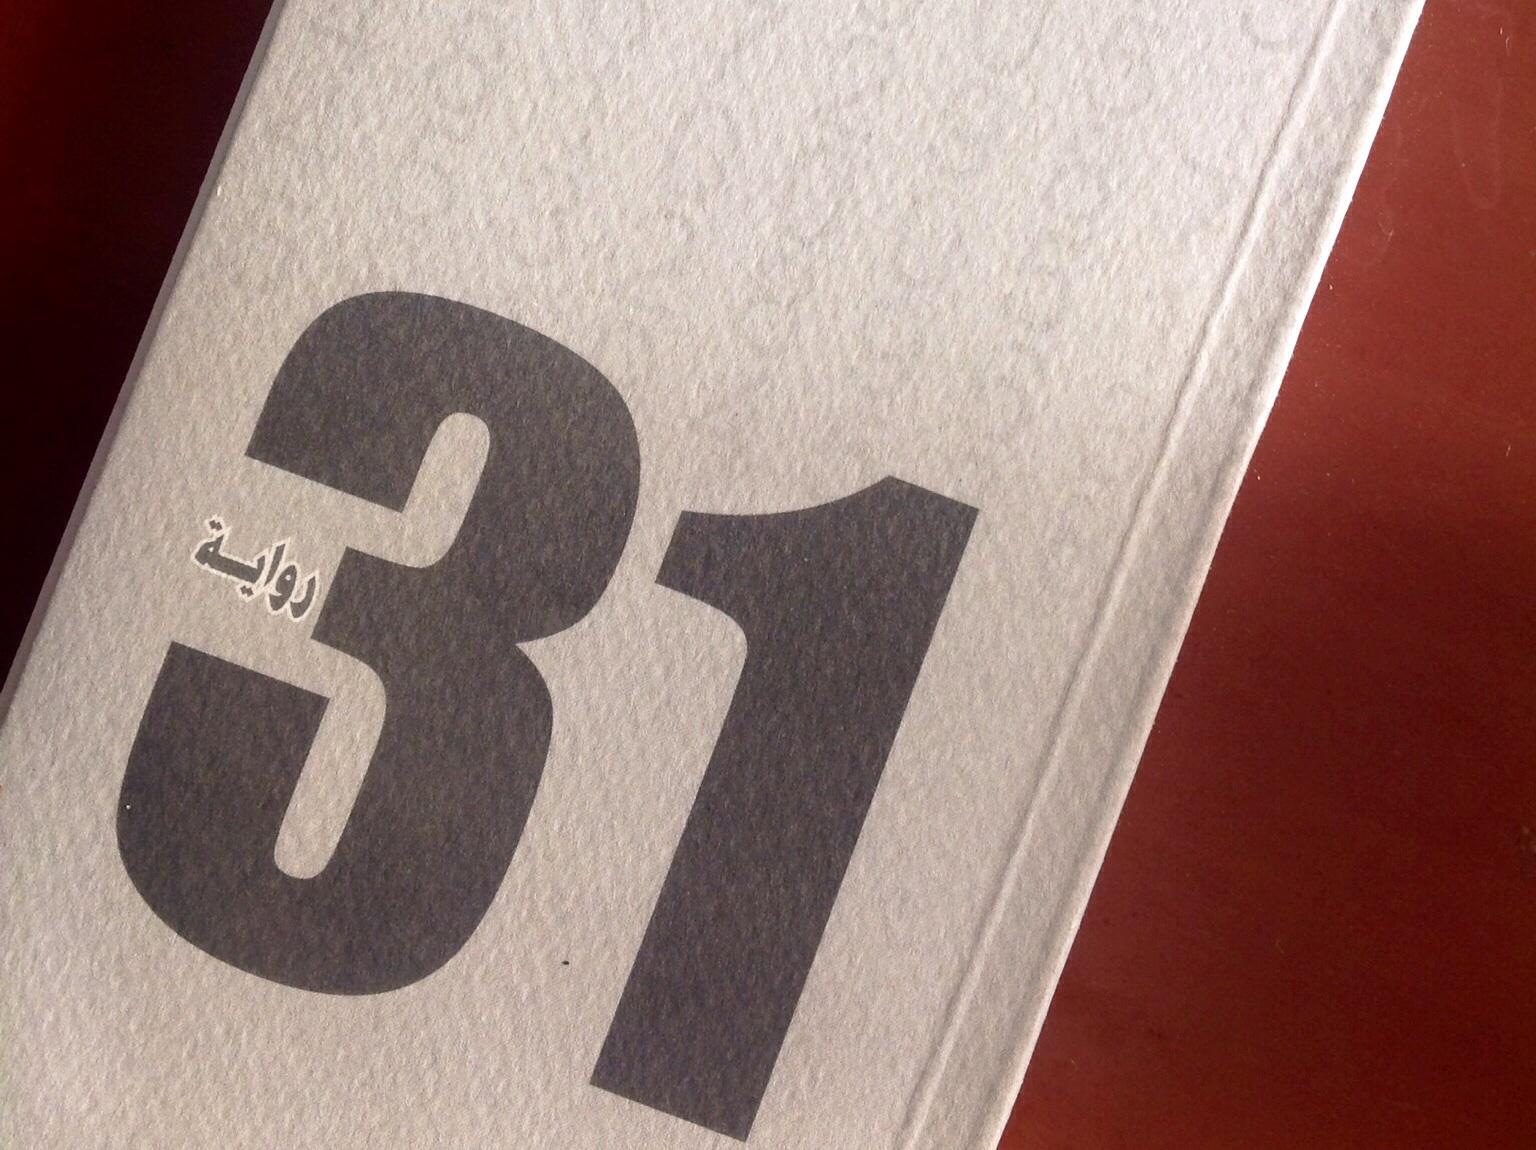 أشياء الجمر في رواية 31 لأشرف أبو اليزيد